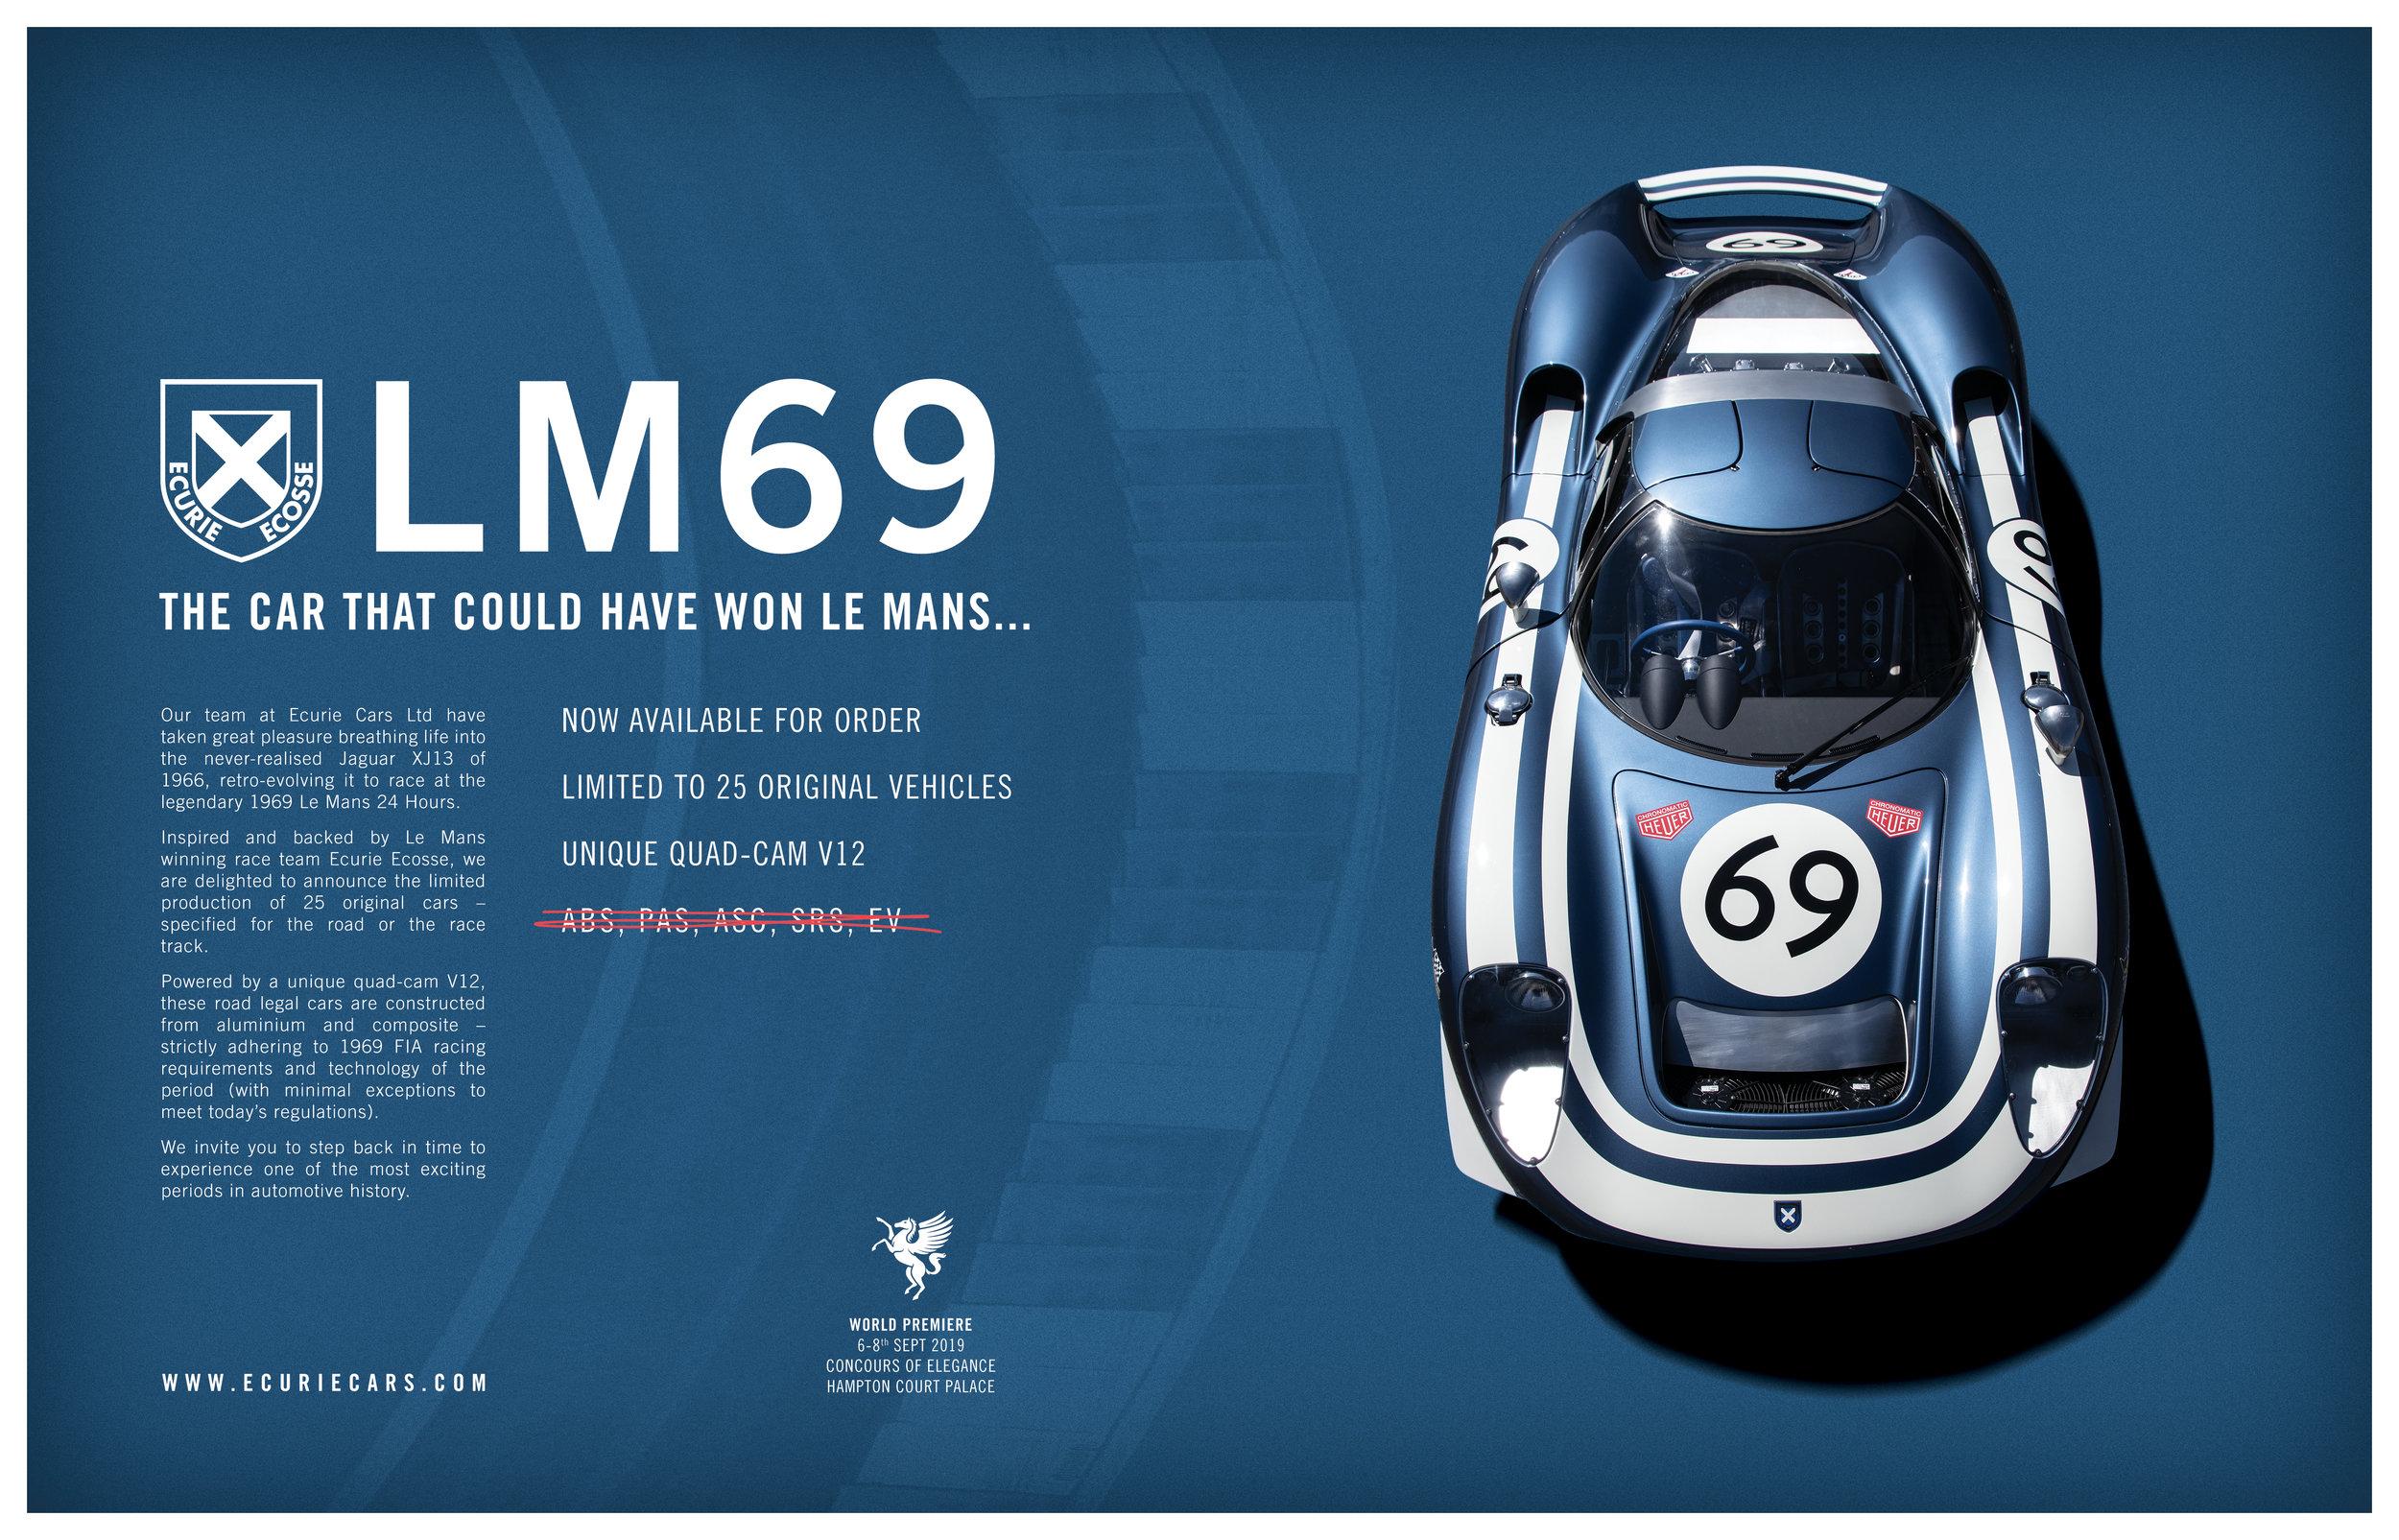 Ecurie Cars LM69 Advert.jpg